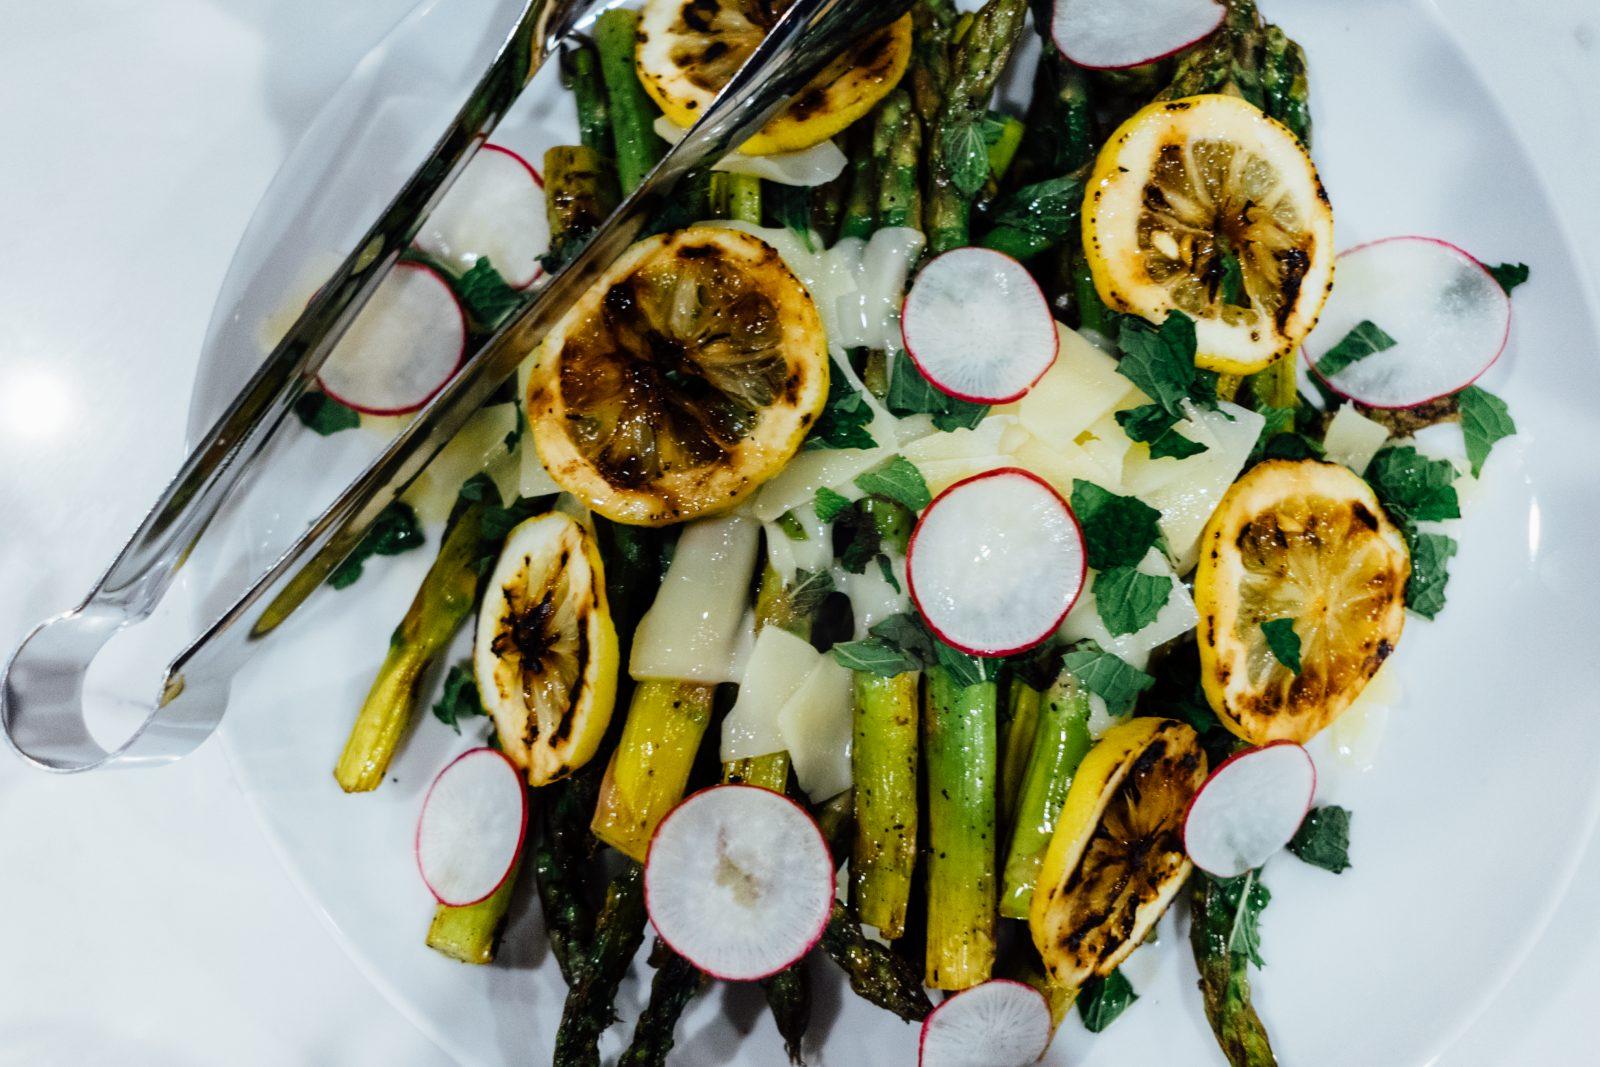 Lemon, Parmesan, asparagus, and radishes